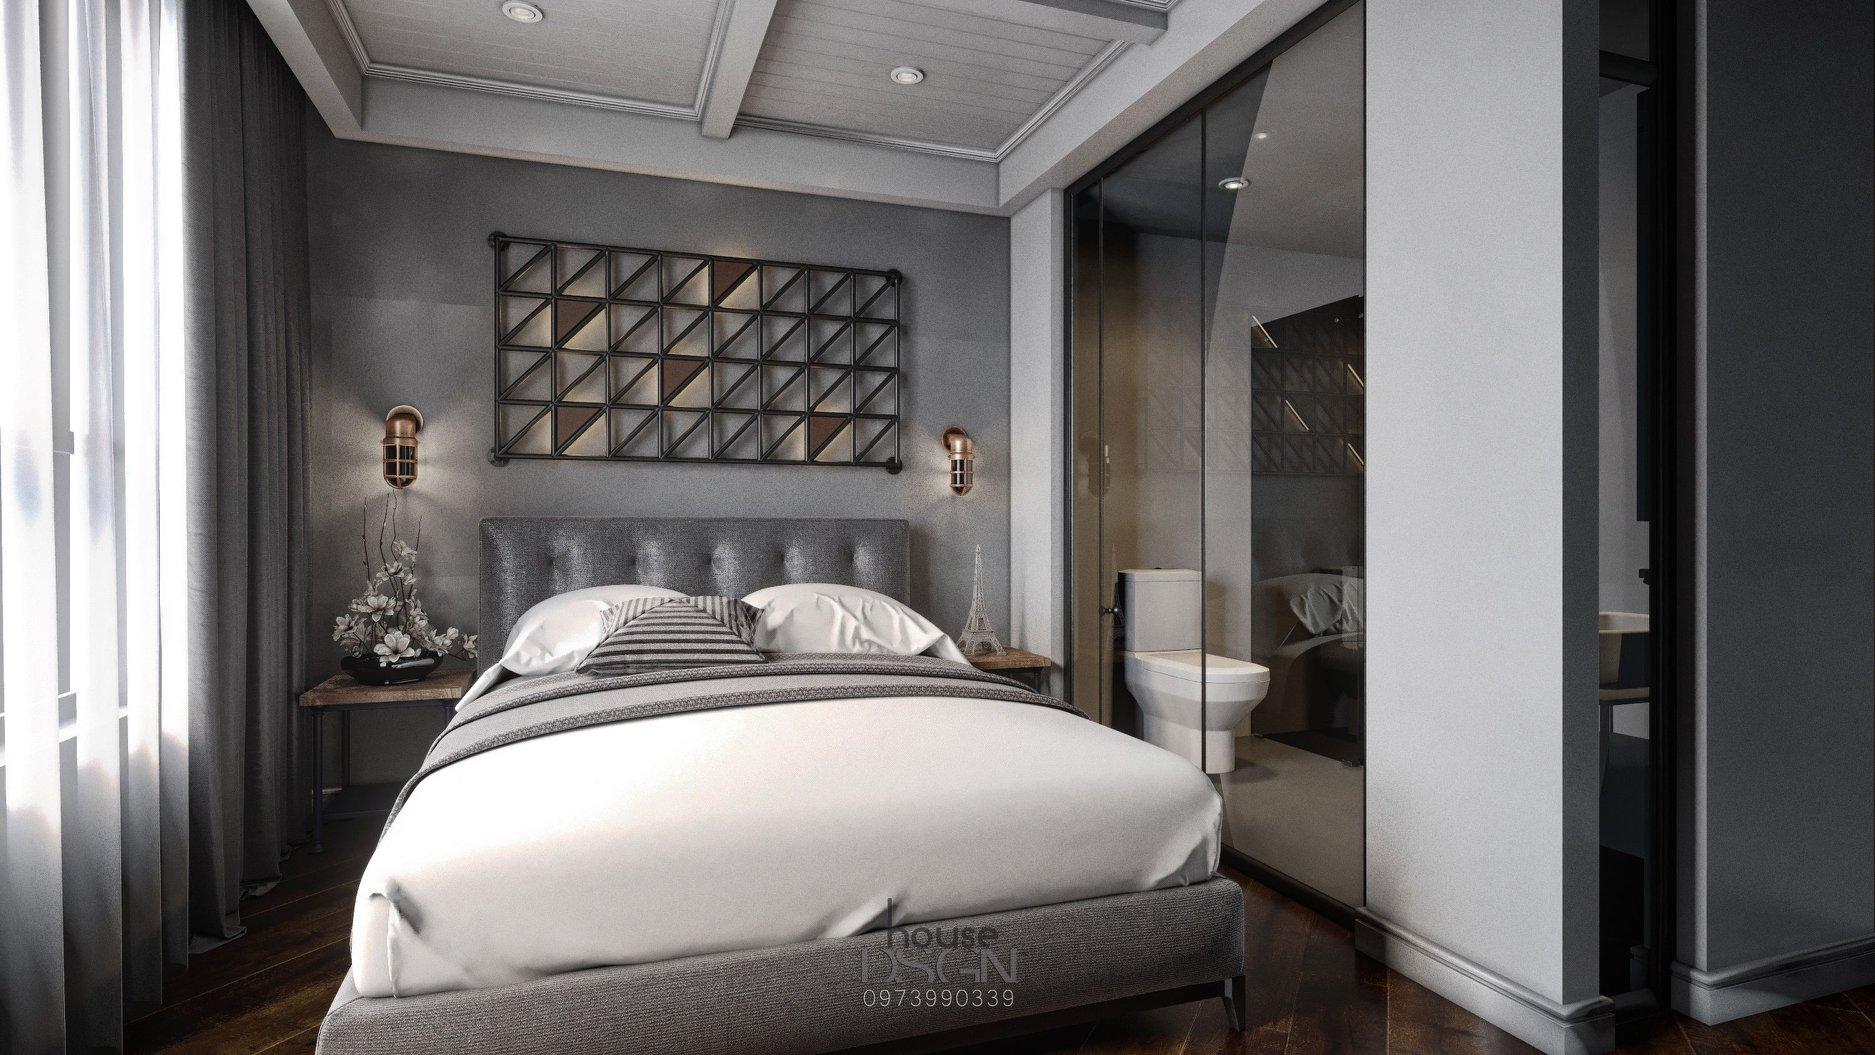 thiết kế thi công nội thất khách sạn 4 sao - Housedesign